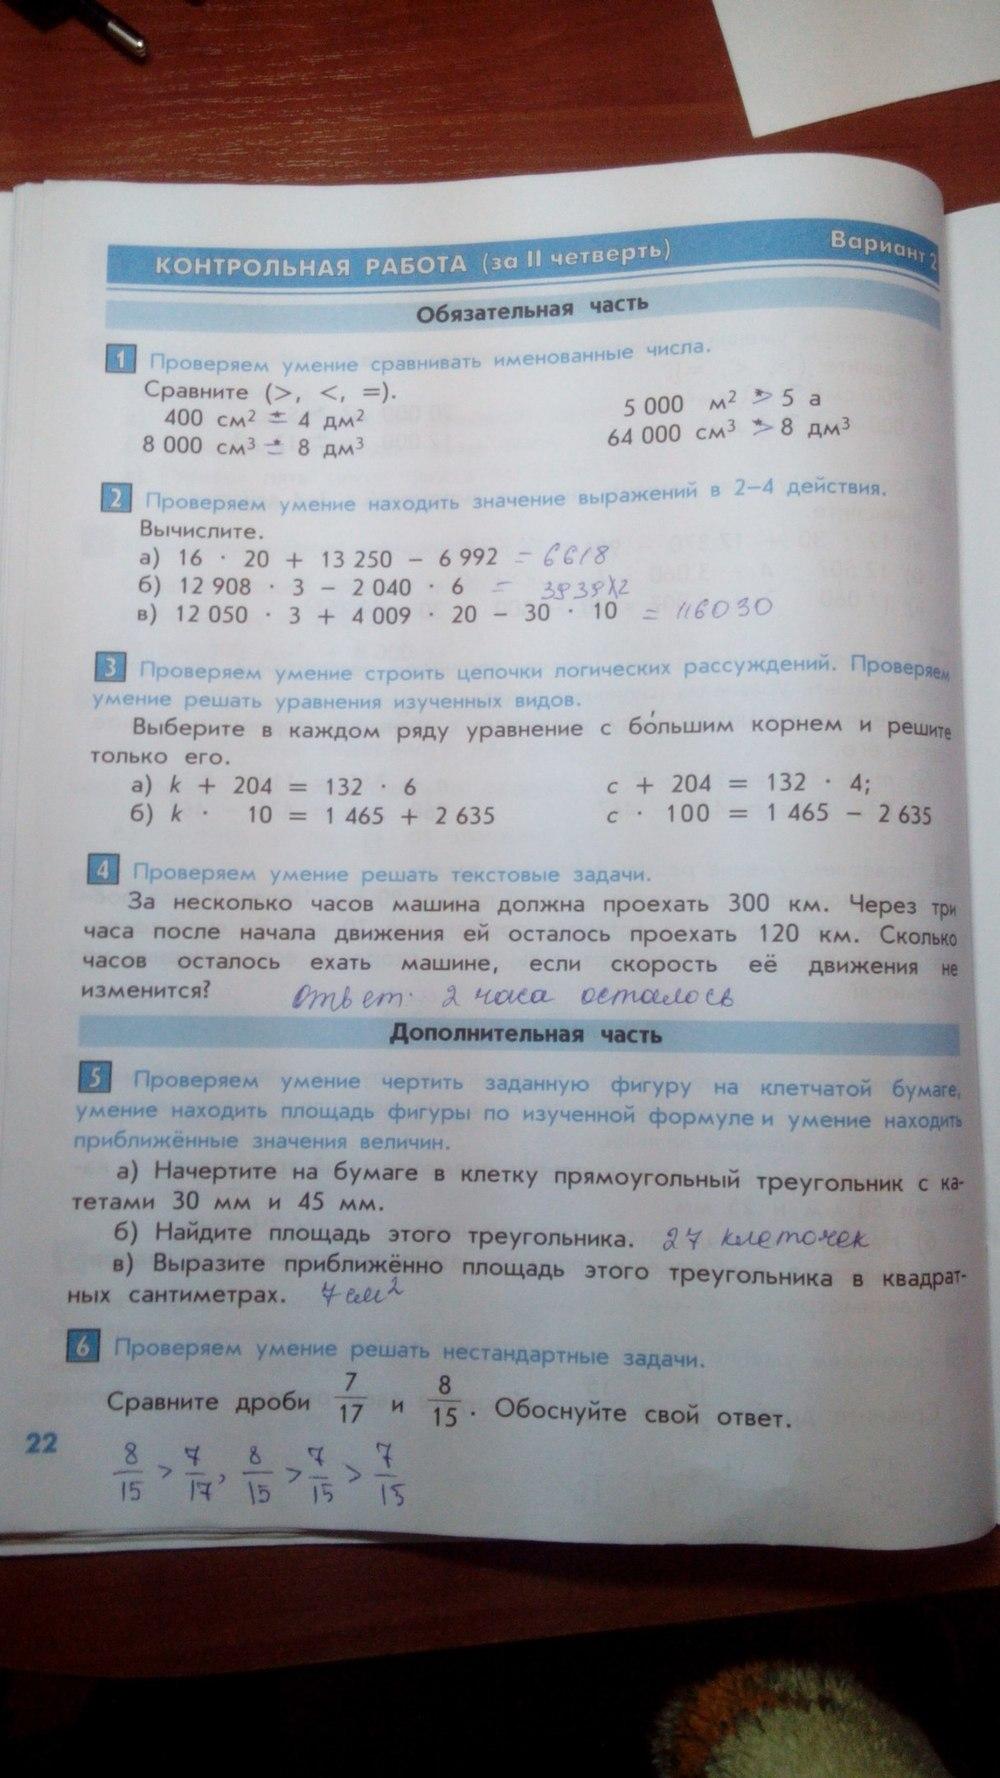 ГДЗ по информатике класс Козлова Рубин тесты и контрольные  Выберите страницу рабочей тетради